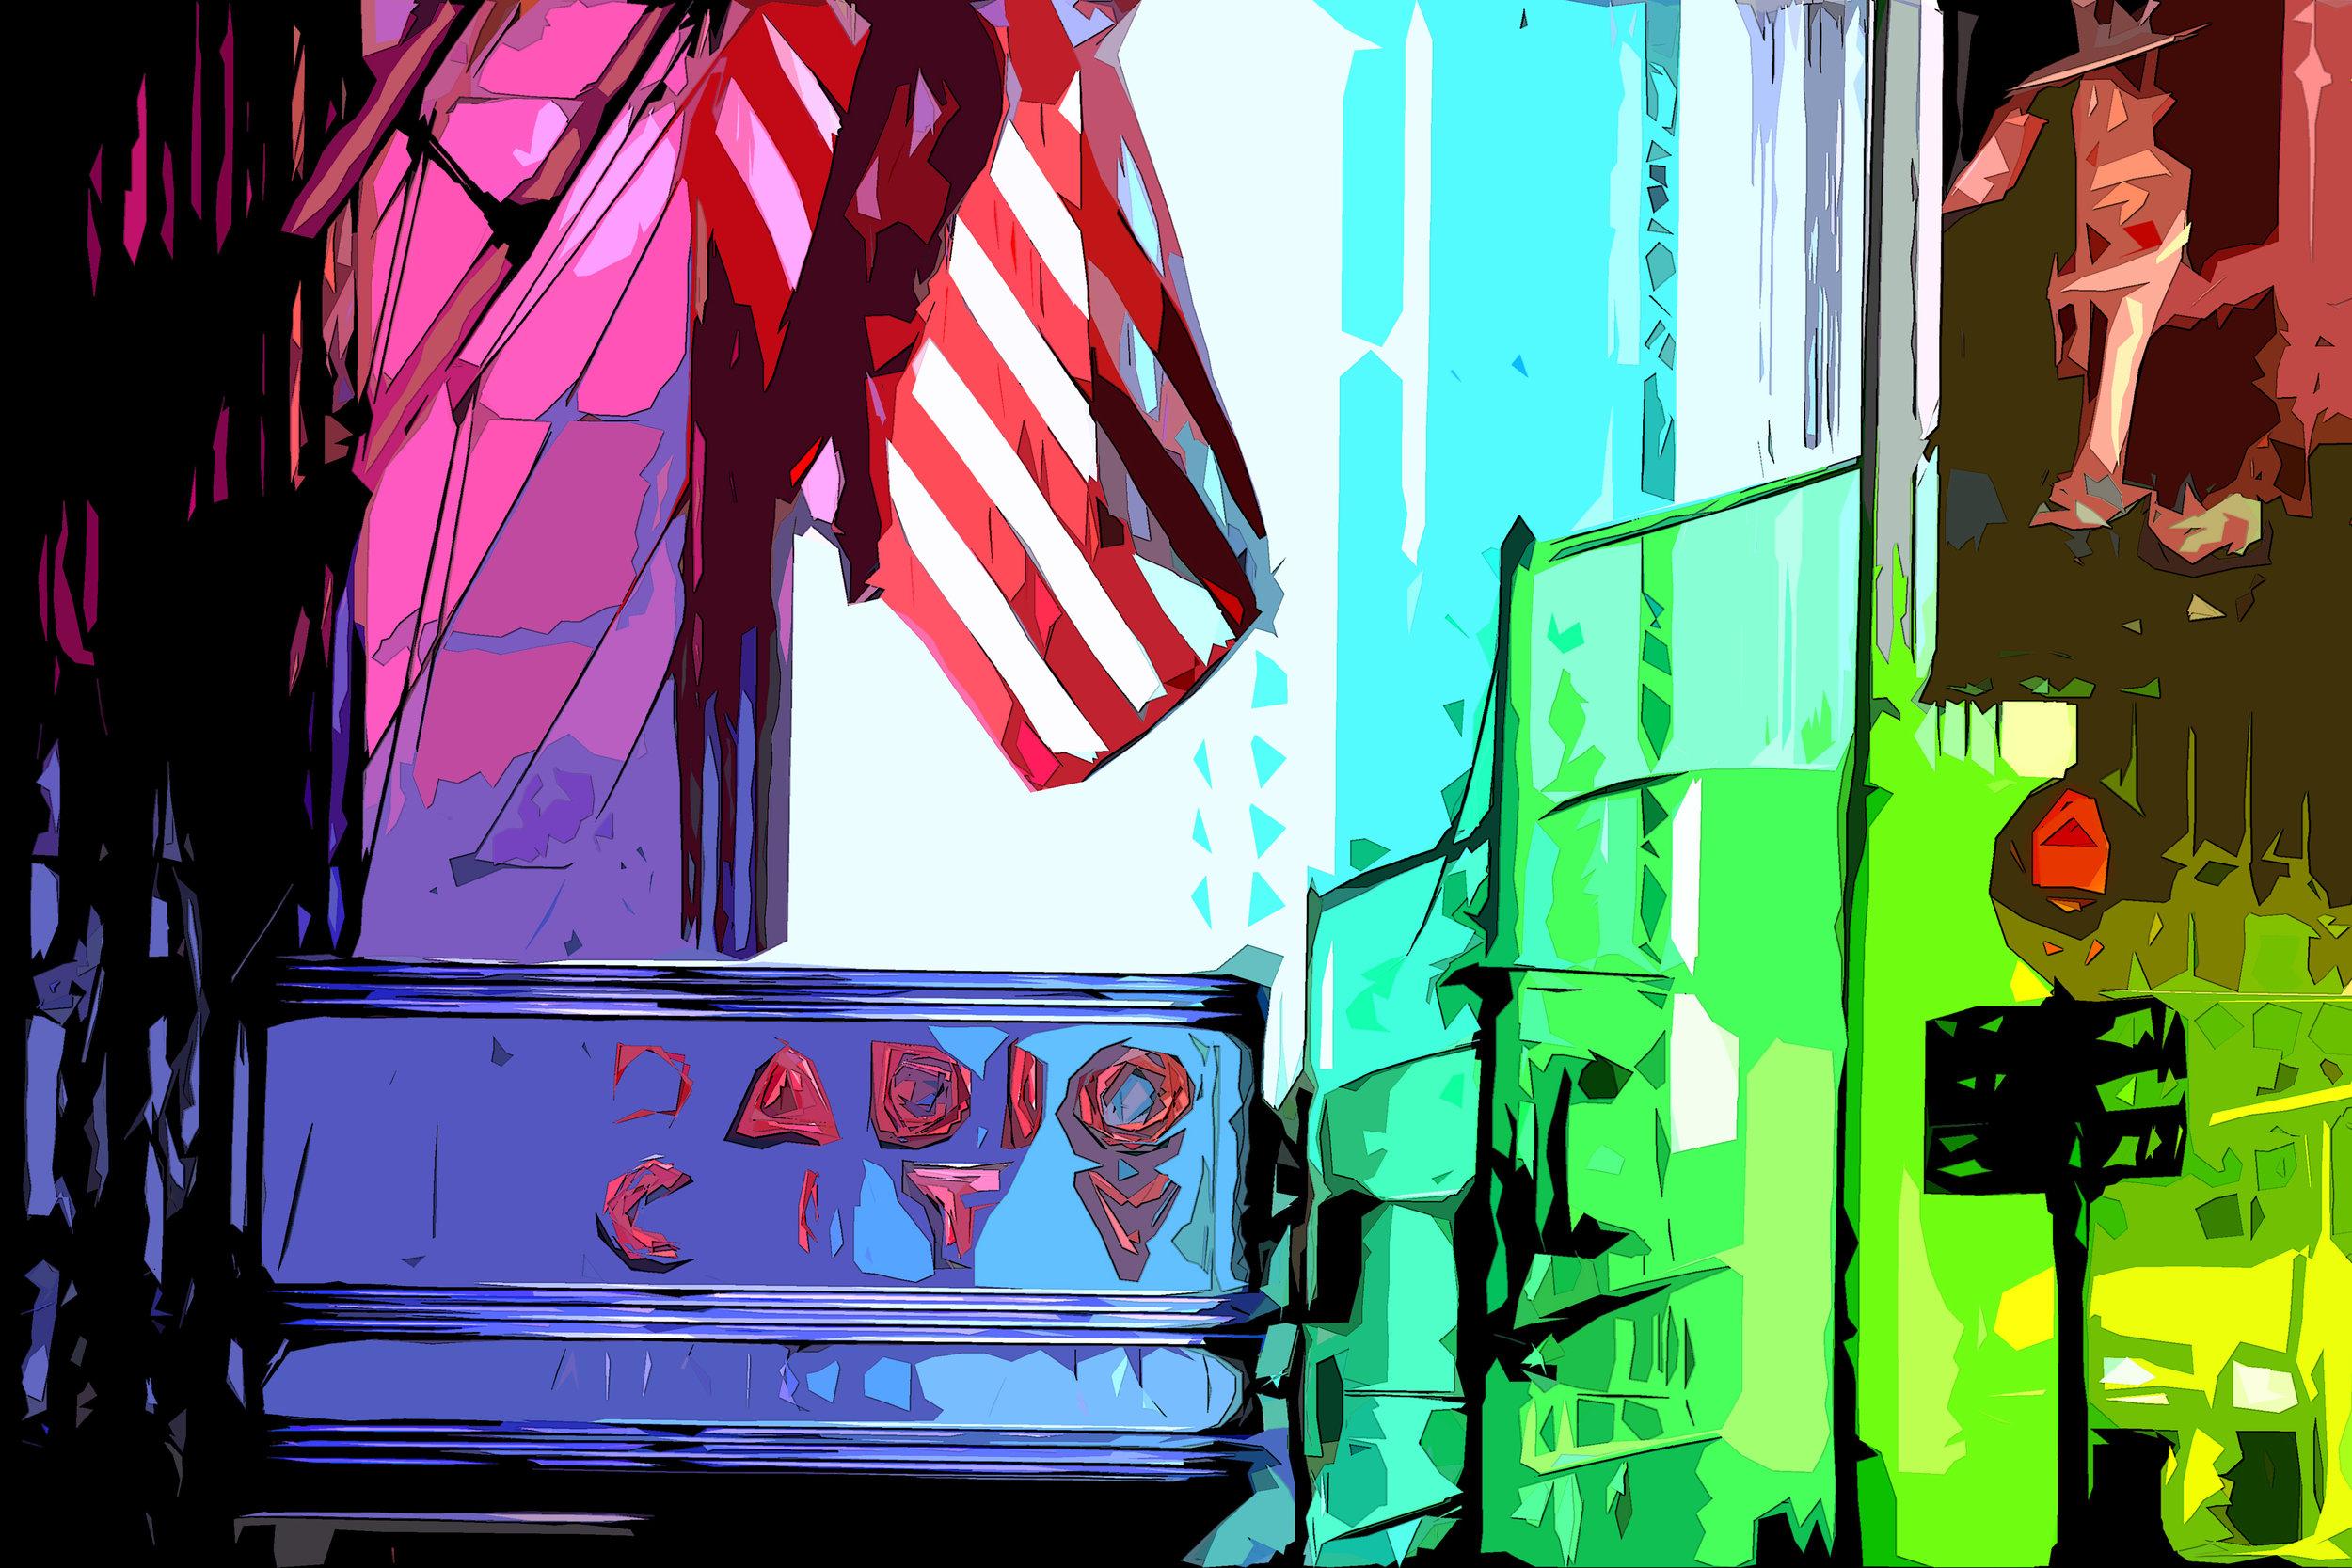 Radio City   Tricia Coyle